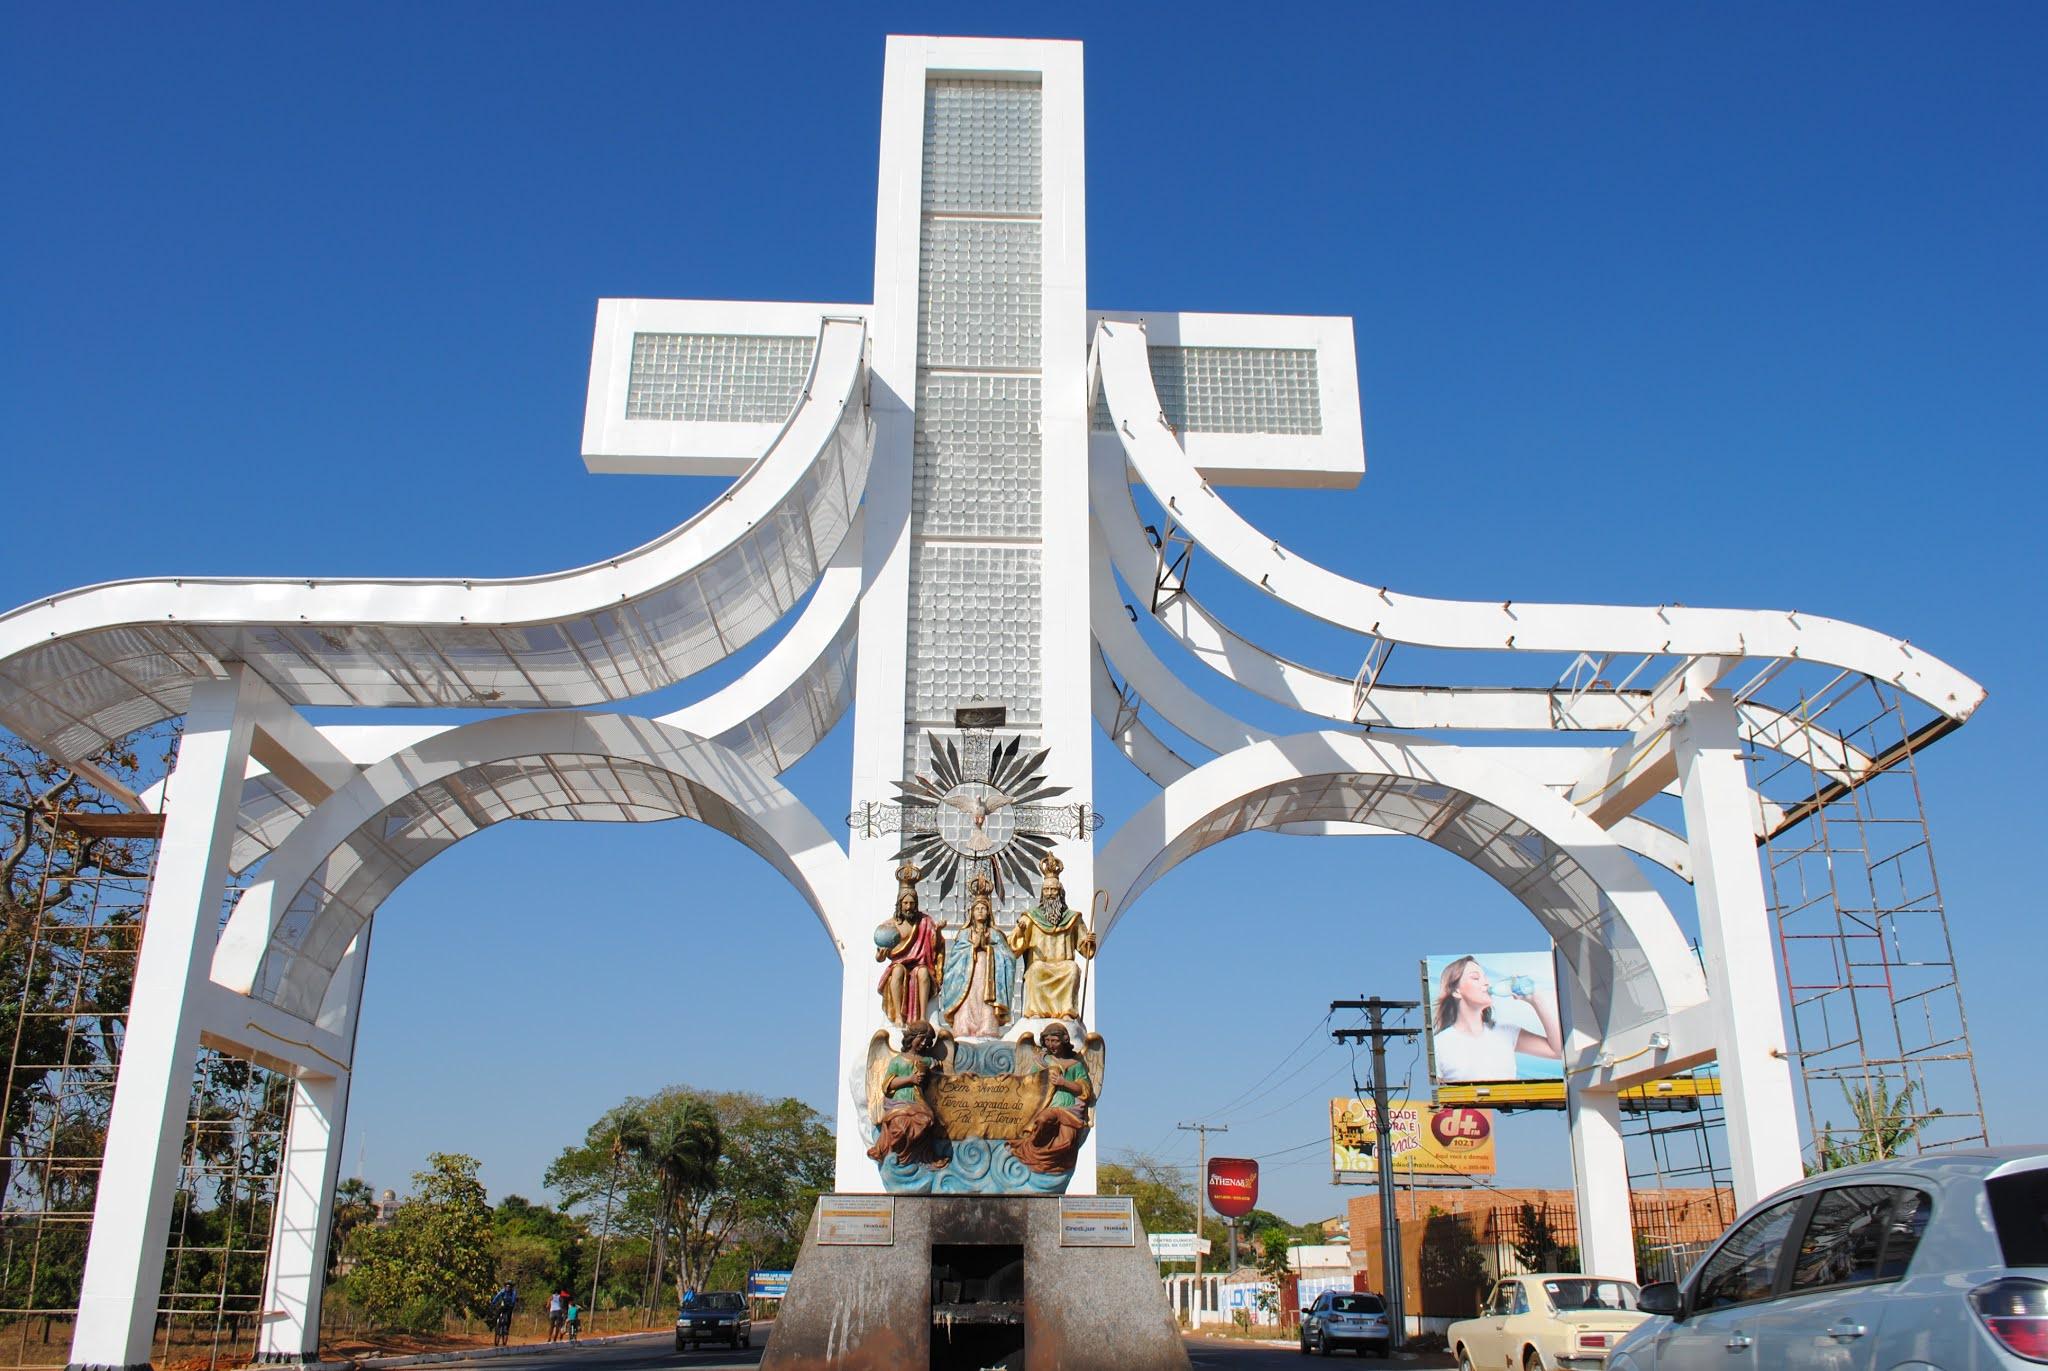 Portal da entrada de Trindade, um dos símbolos do município goiano (Foto: Marilze Venturelli Bernardes)